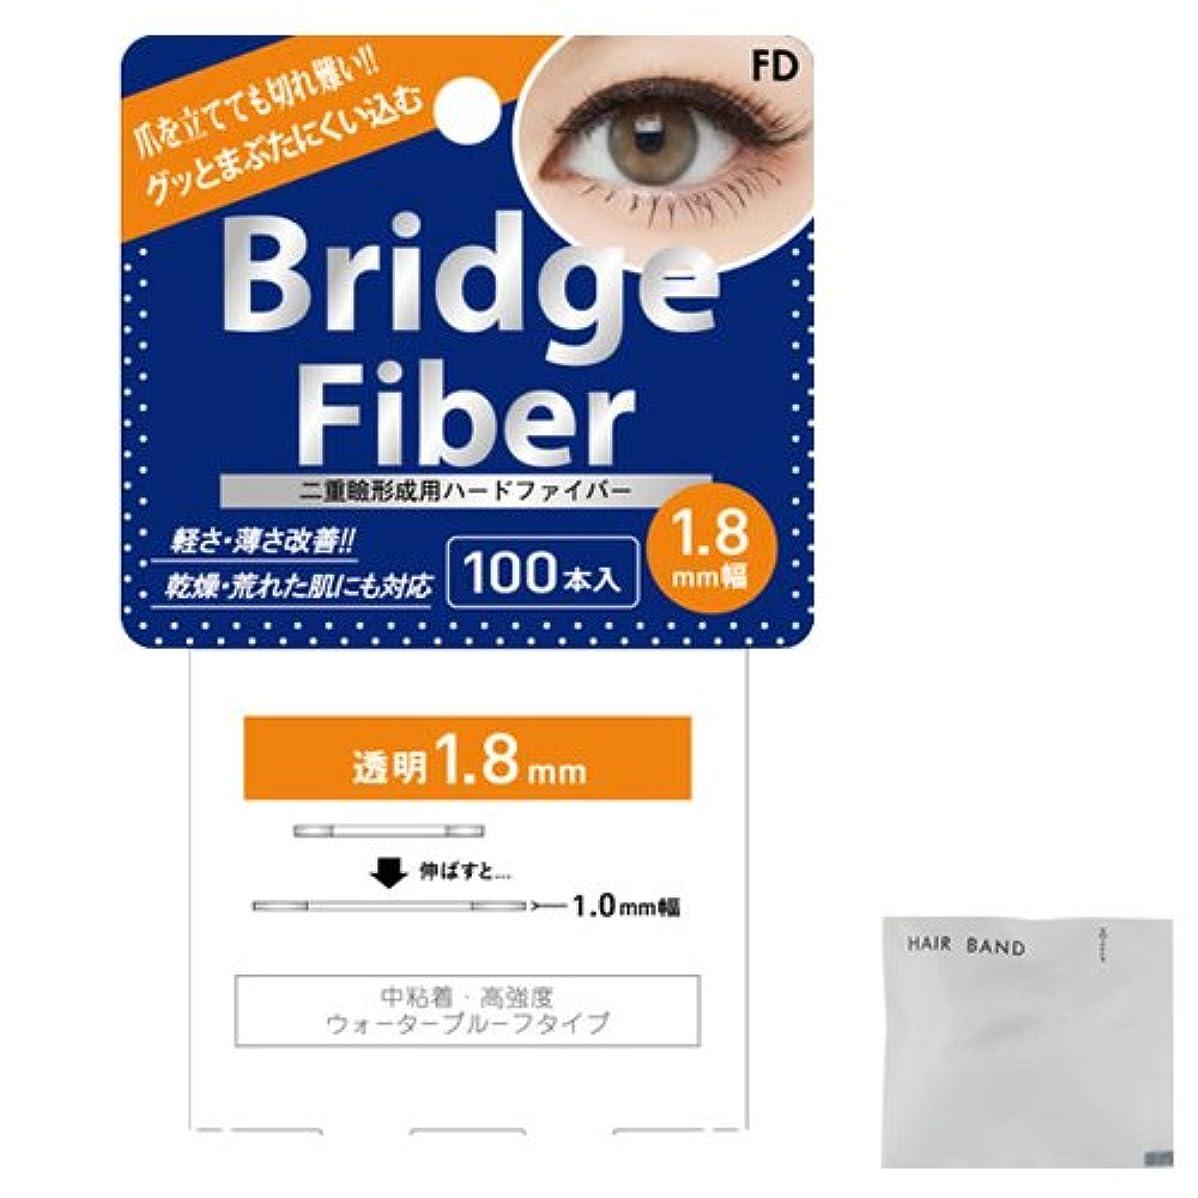 困惑する量で上下するFD ブリッジファイバーⅡ (Bridge Fiber) クリア1.8mm + ヘアゴム(カラーはおまかせ)セット